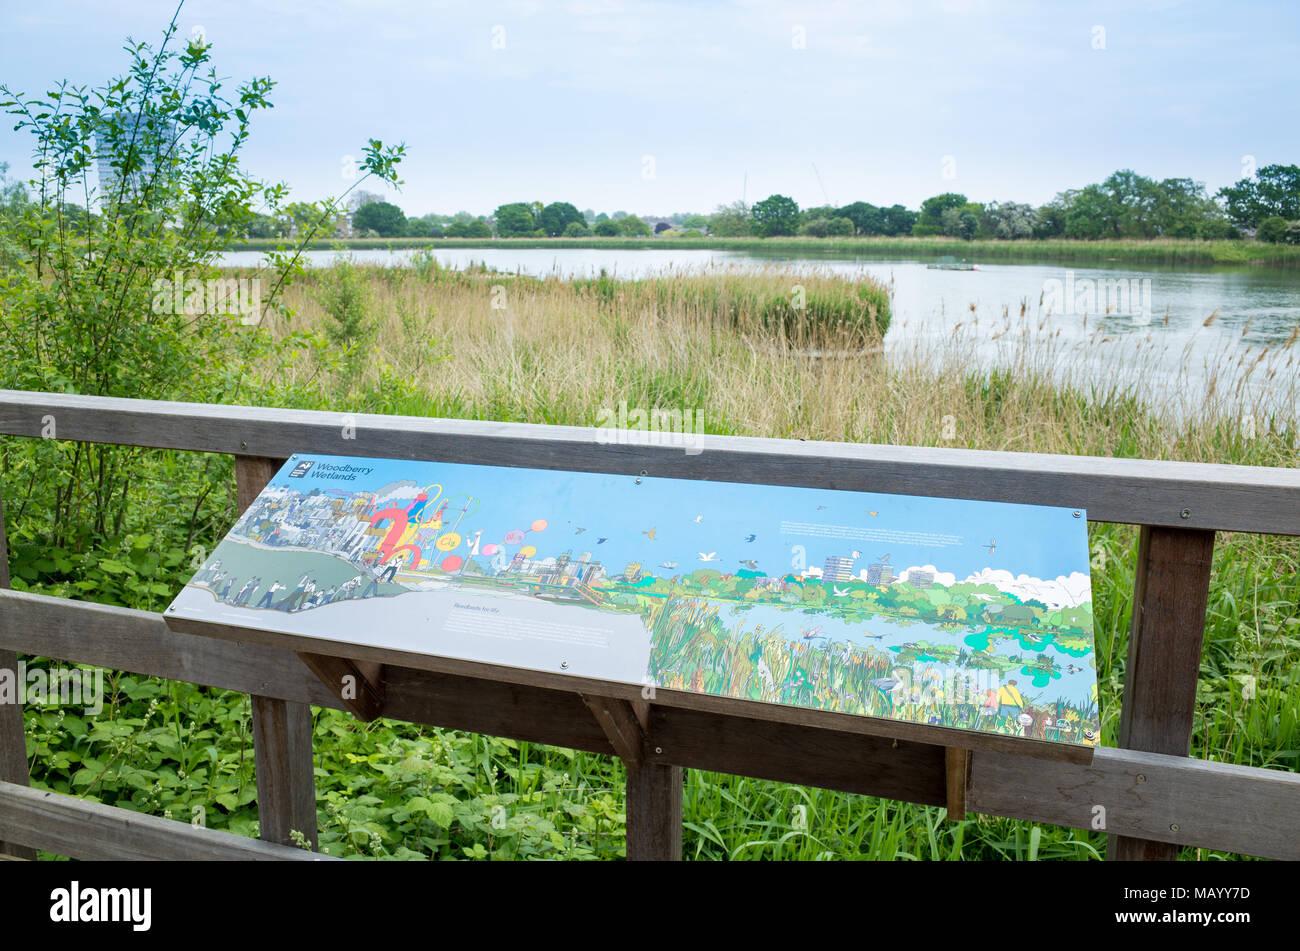 Woodberry Wetlands, Haringey, London, UK - Stock Image